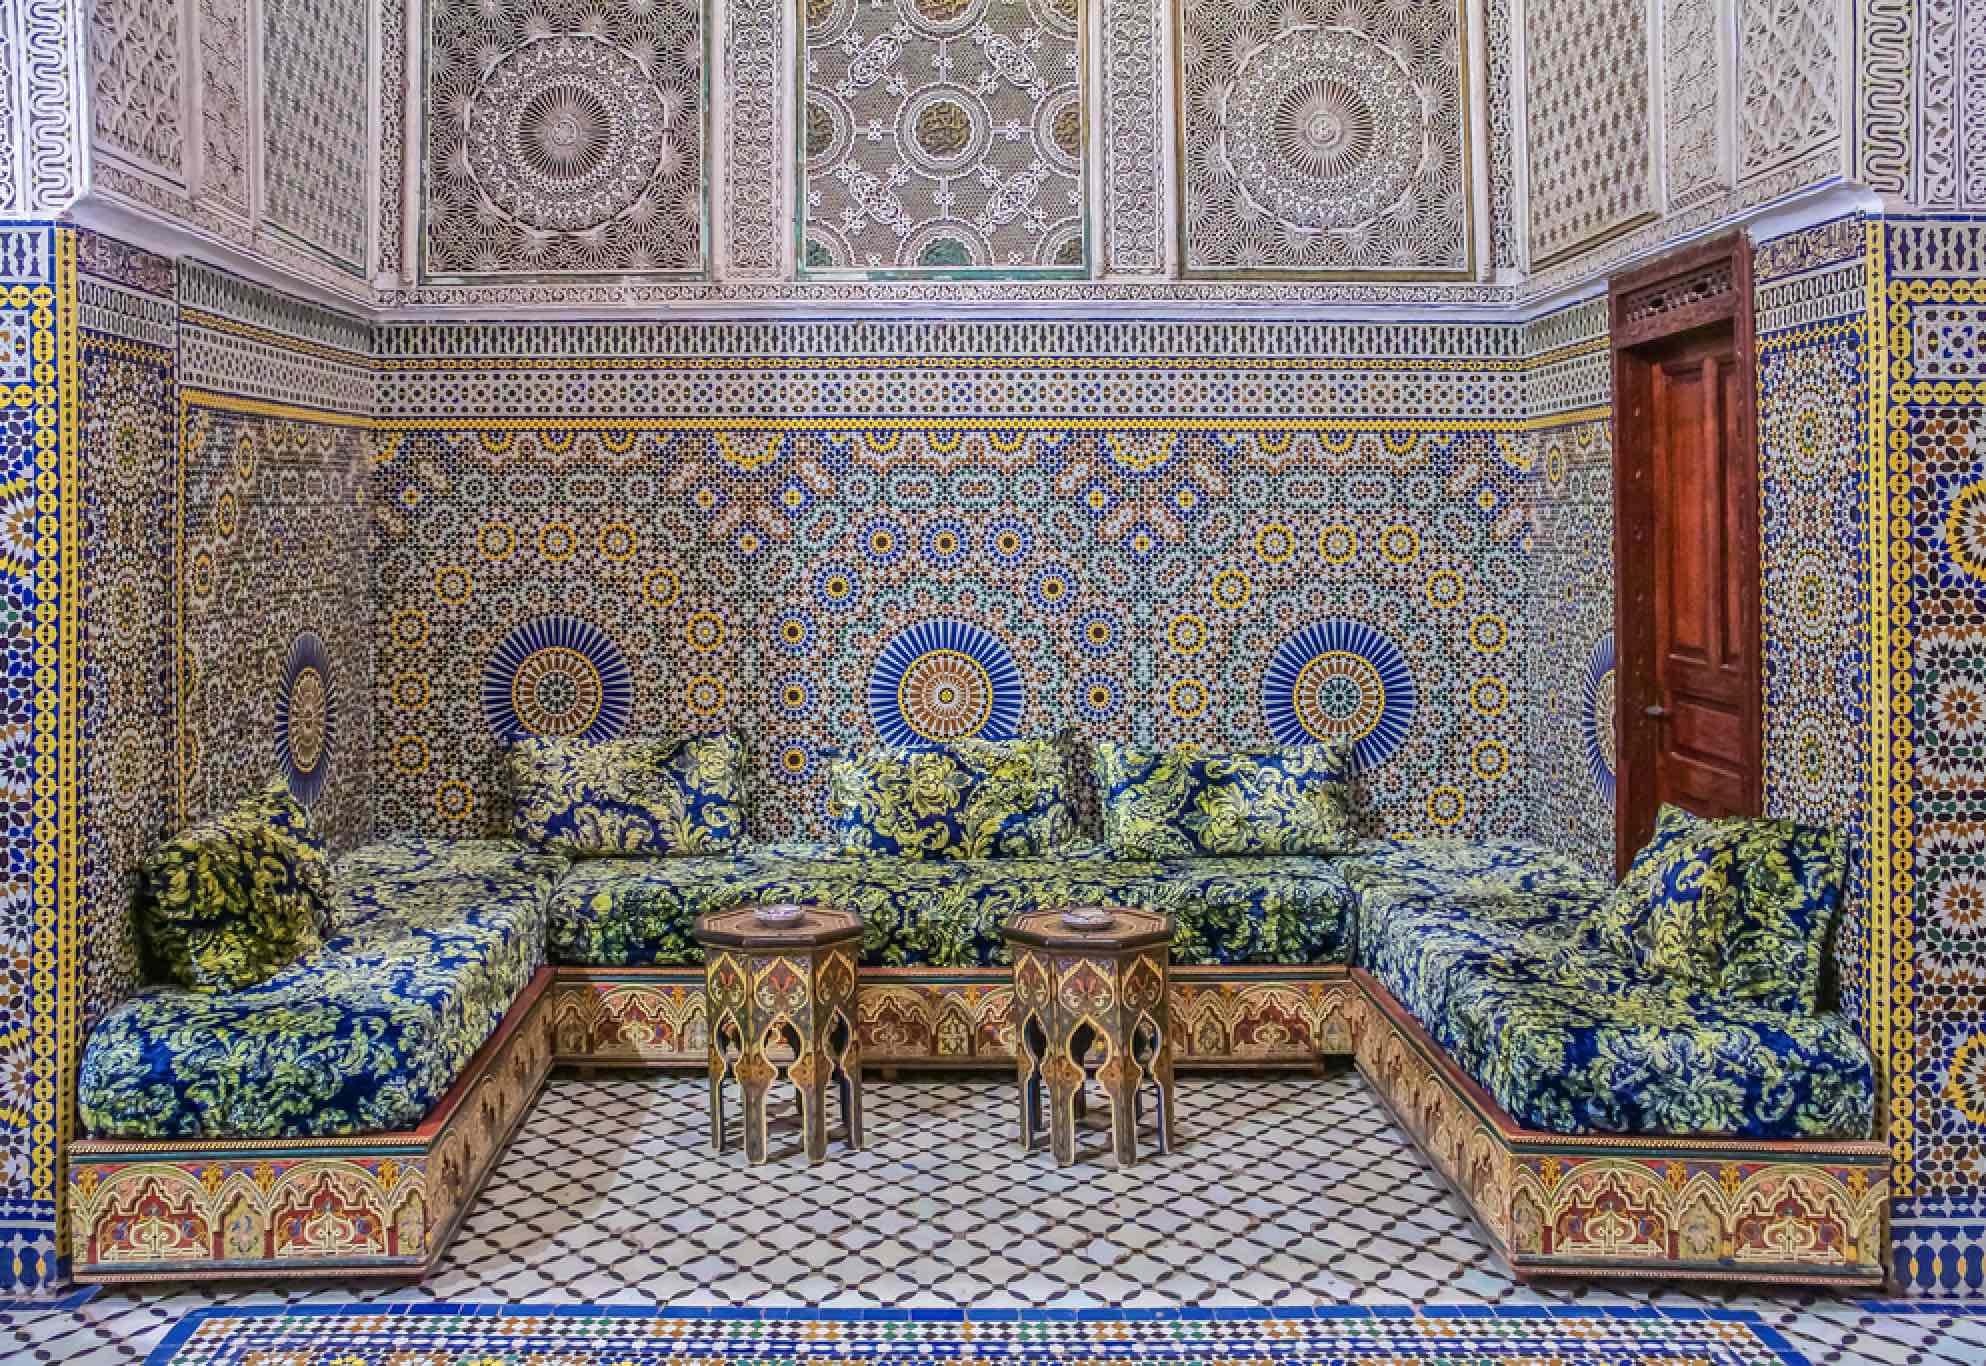 Moisissure Plafond Salle De Bain Locataire Frais Images Jumia House Page 2 Of 23 Le Journal Officiel De Jumia House Maroc